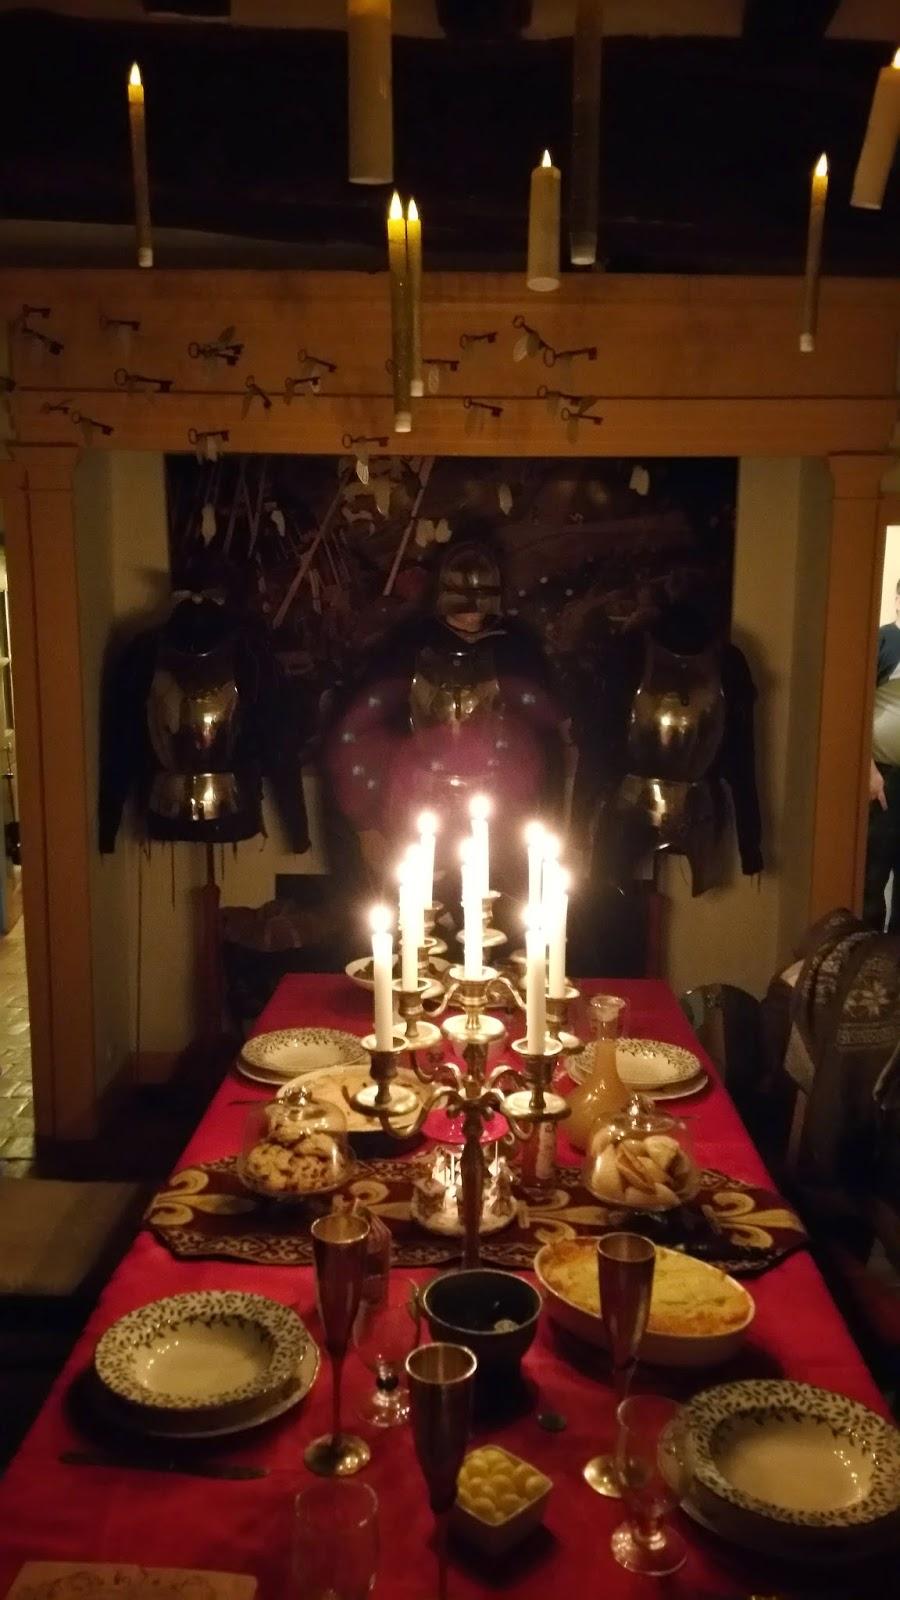 deco harry potter anniversaire sur le th me harry potter. Black Bedroom Furniture Sets. Home Design Ideas